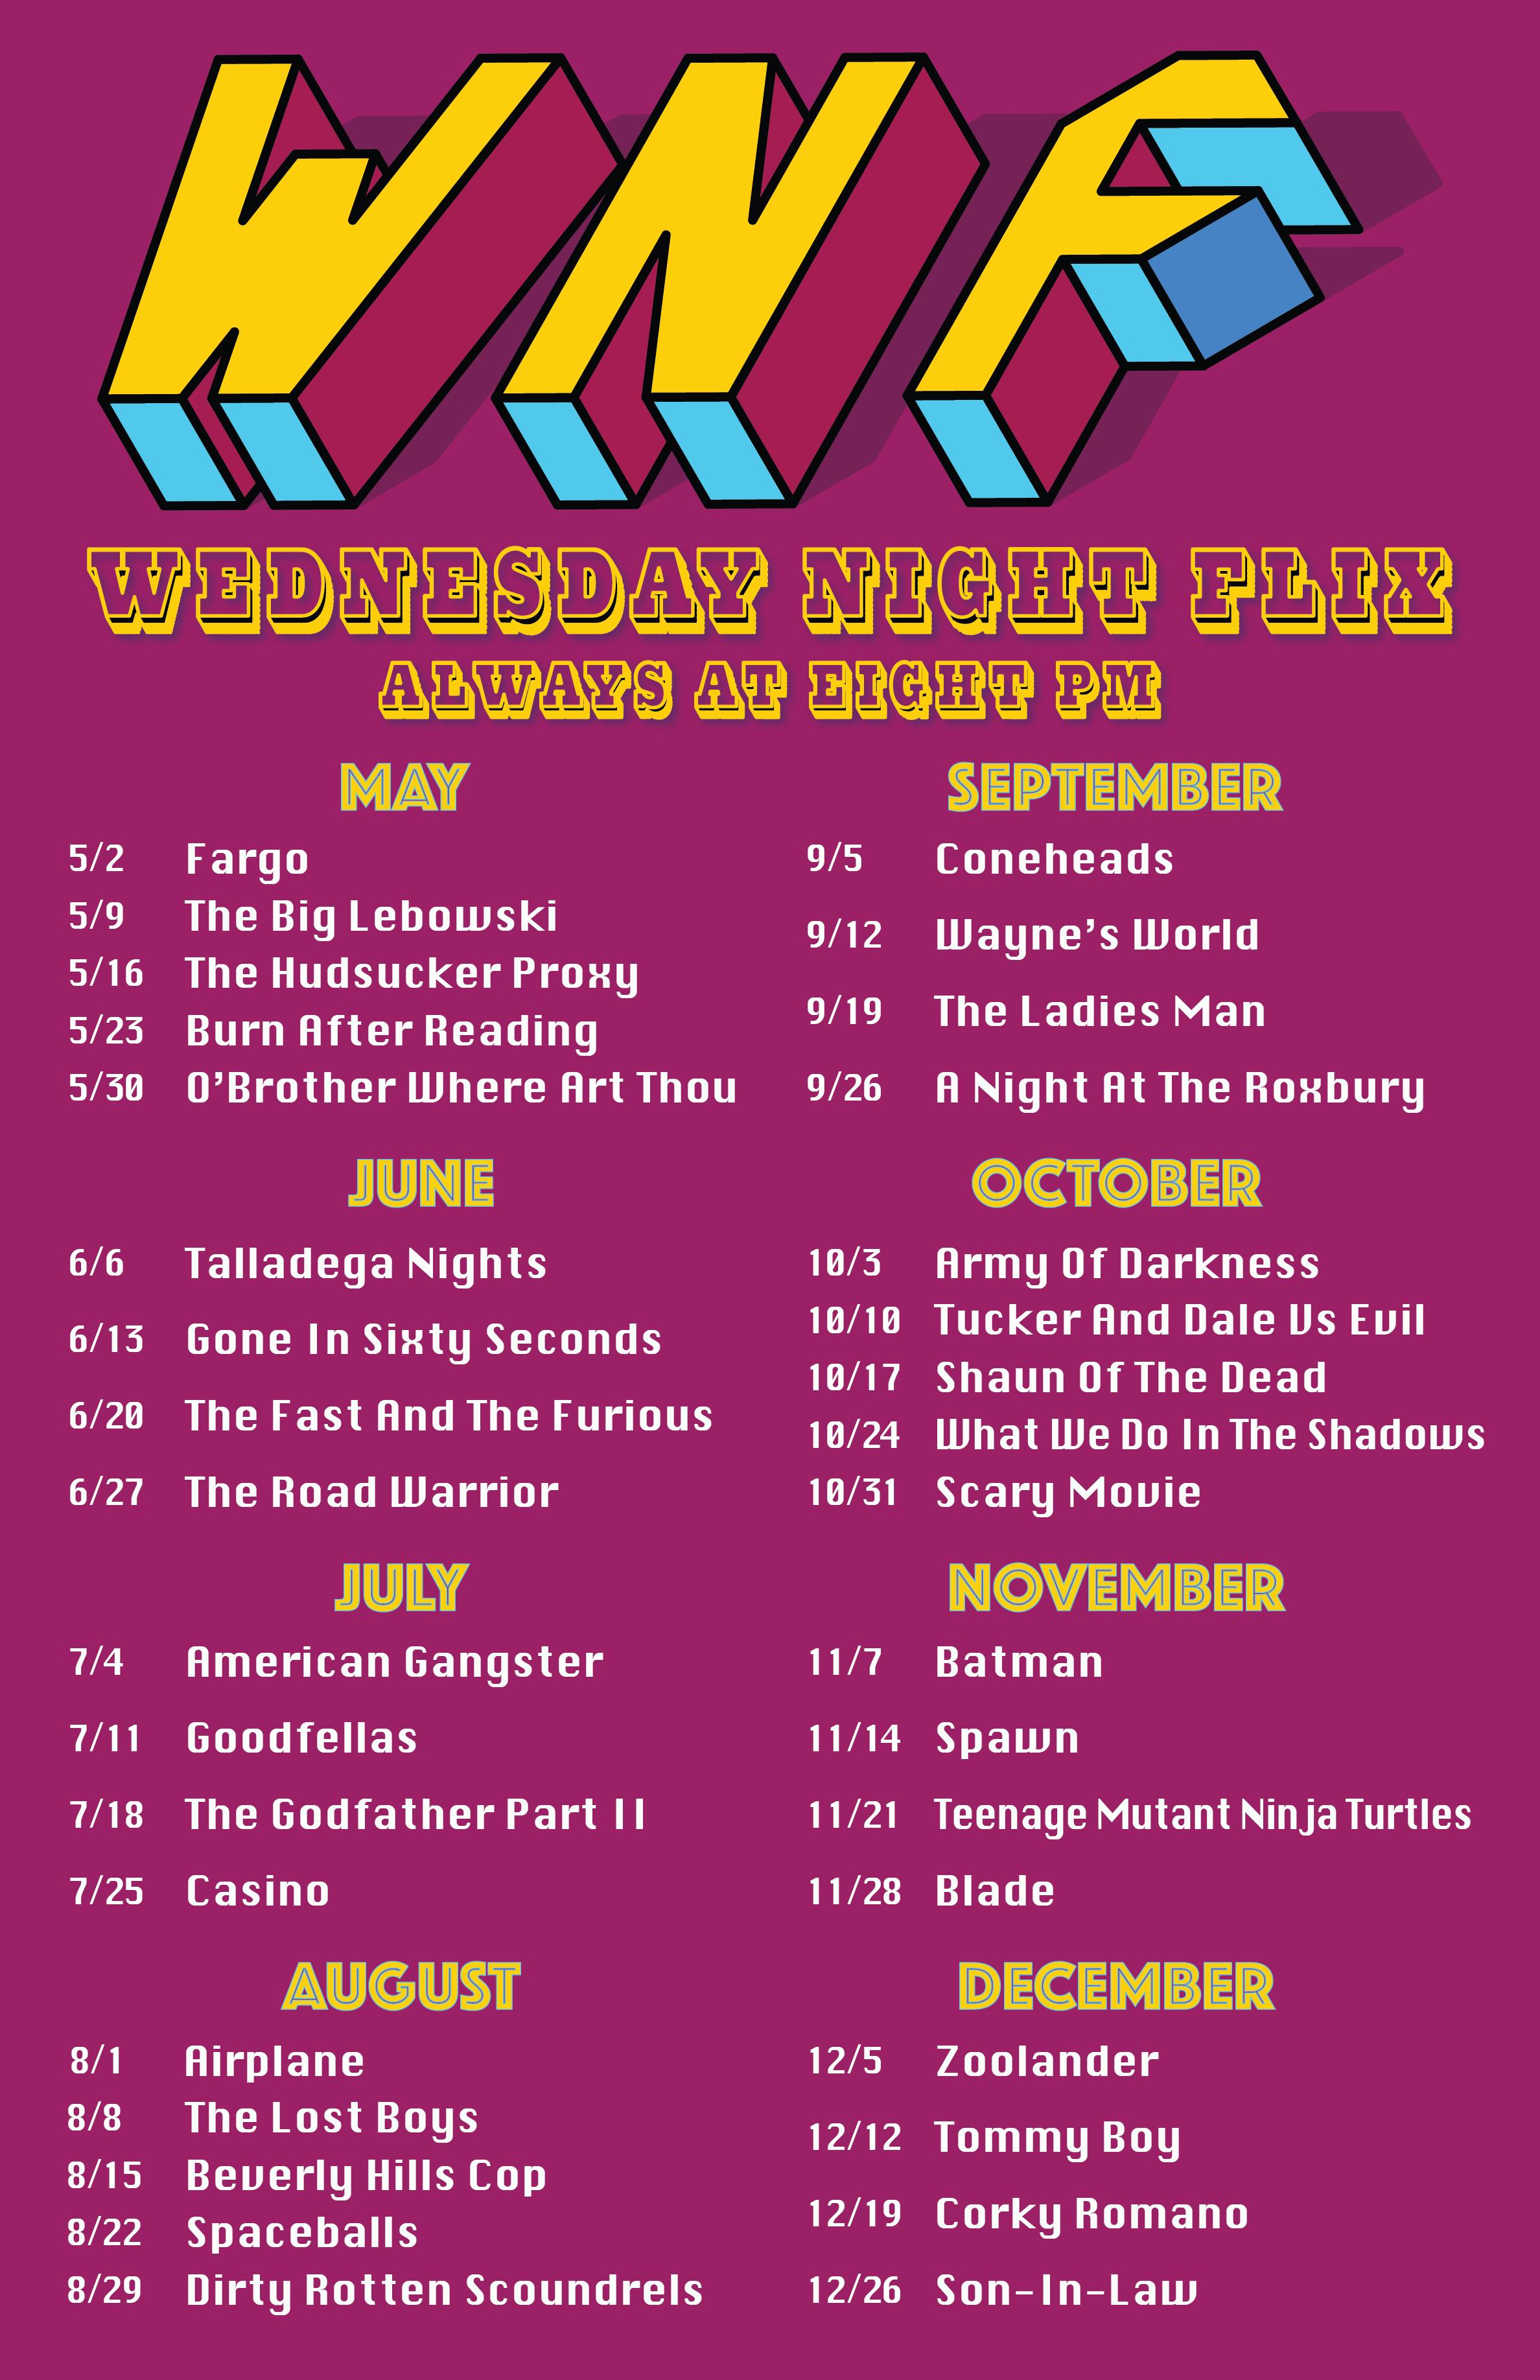 WNF-Schedule@3x.png